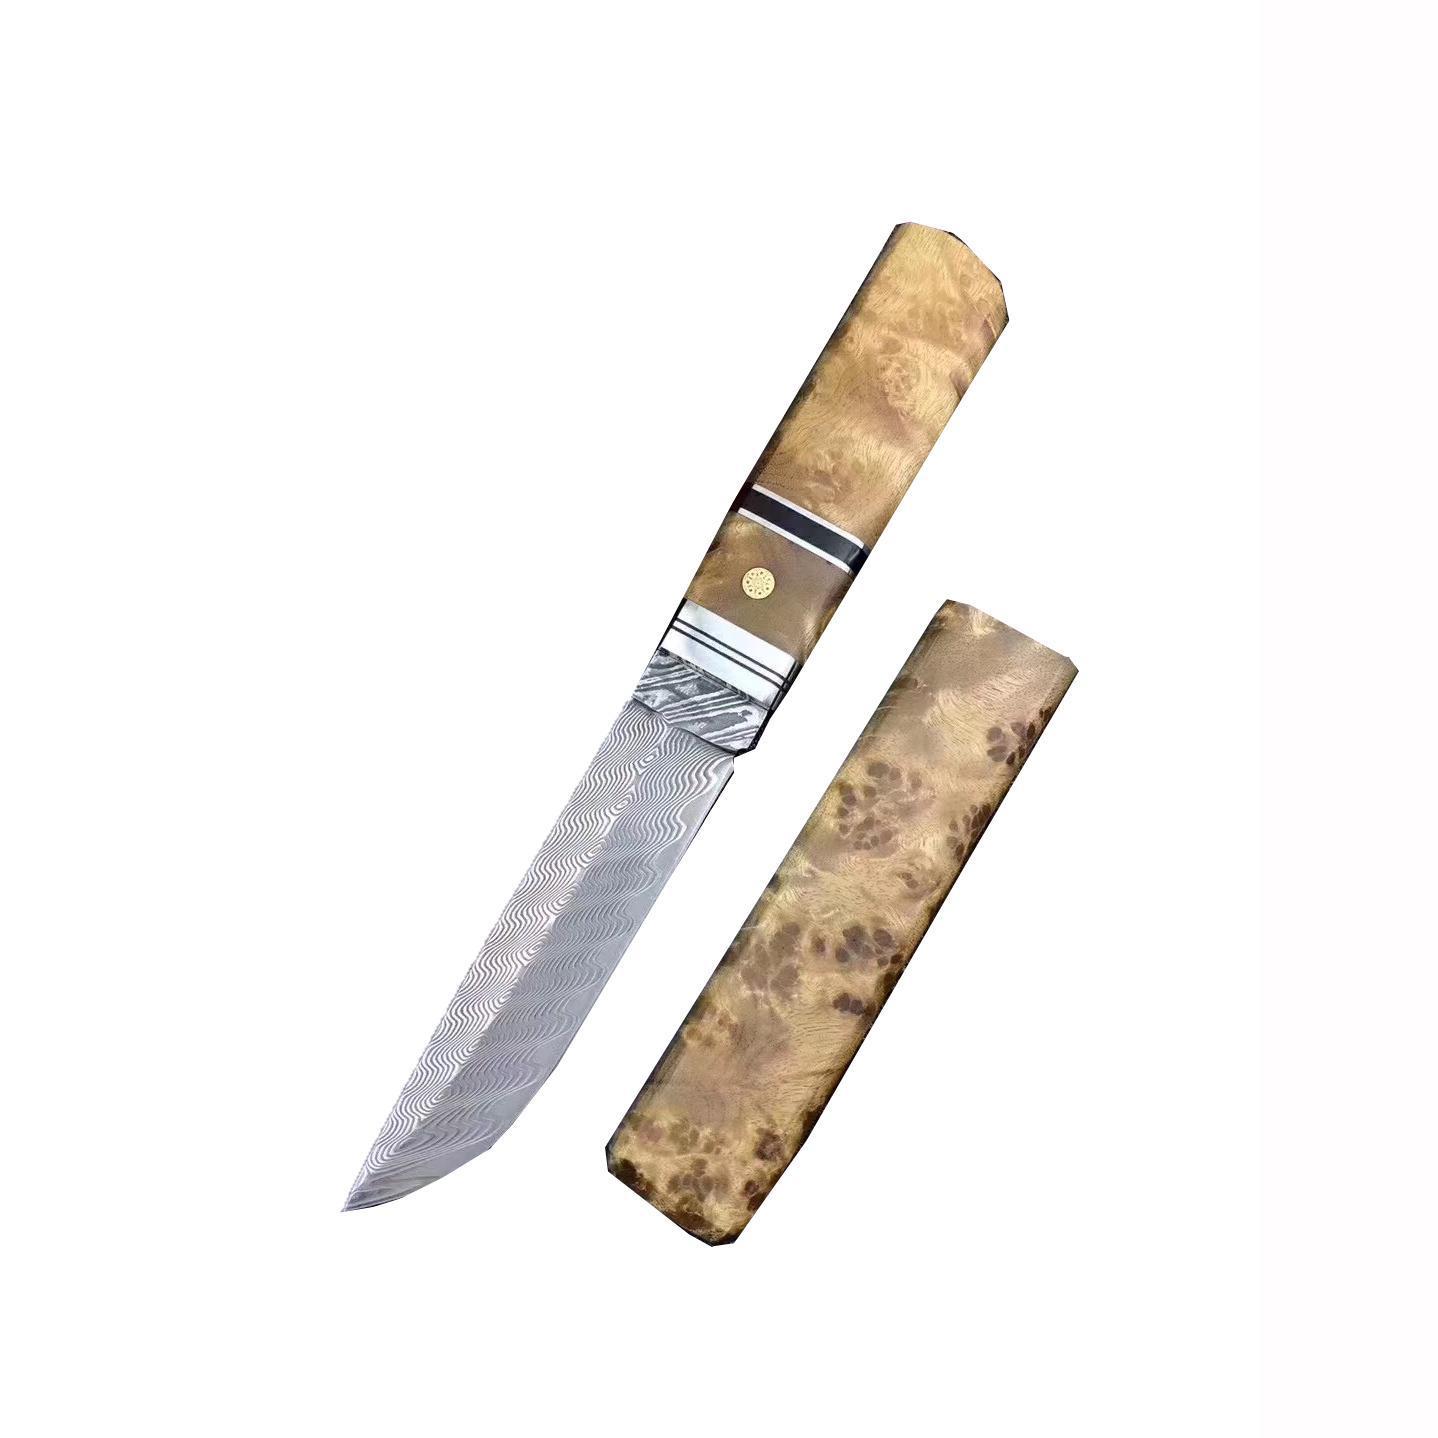 Sk-13 El yapımı VG10 Şam Küçük Girlfriend Beyaz Gölge Ahşap Kol Best Hediyelik ile Düz Bıçak El Sanatları Koleksiyonu Bıçak